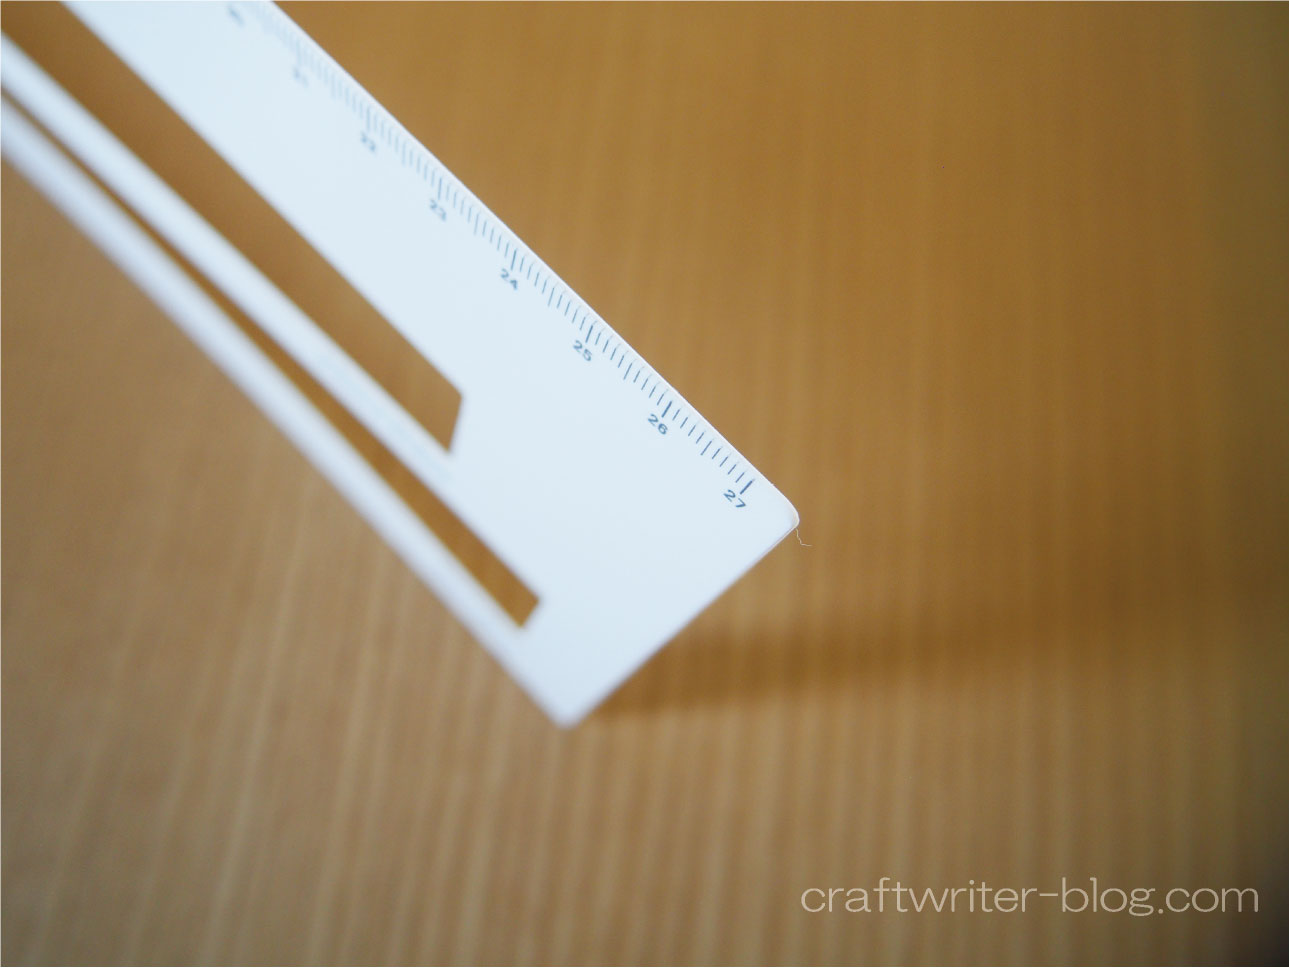 厚み測定定規の素材